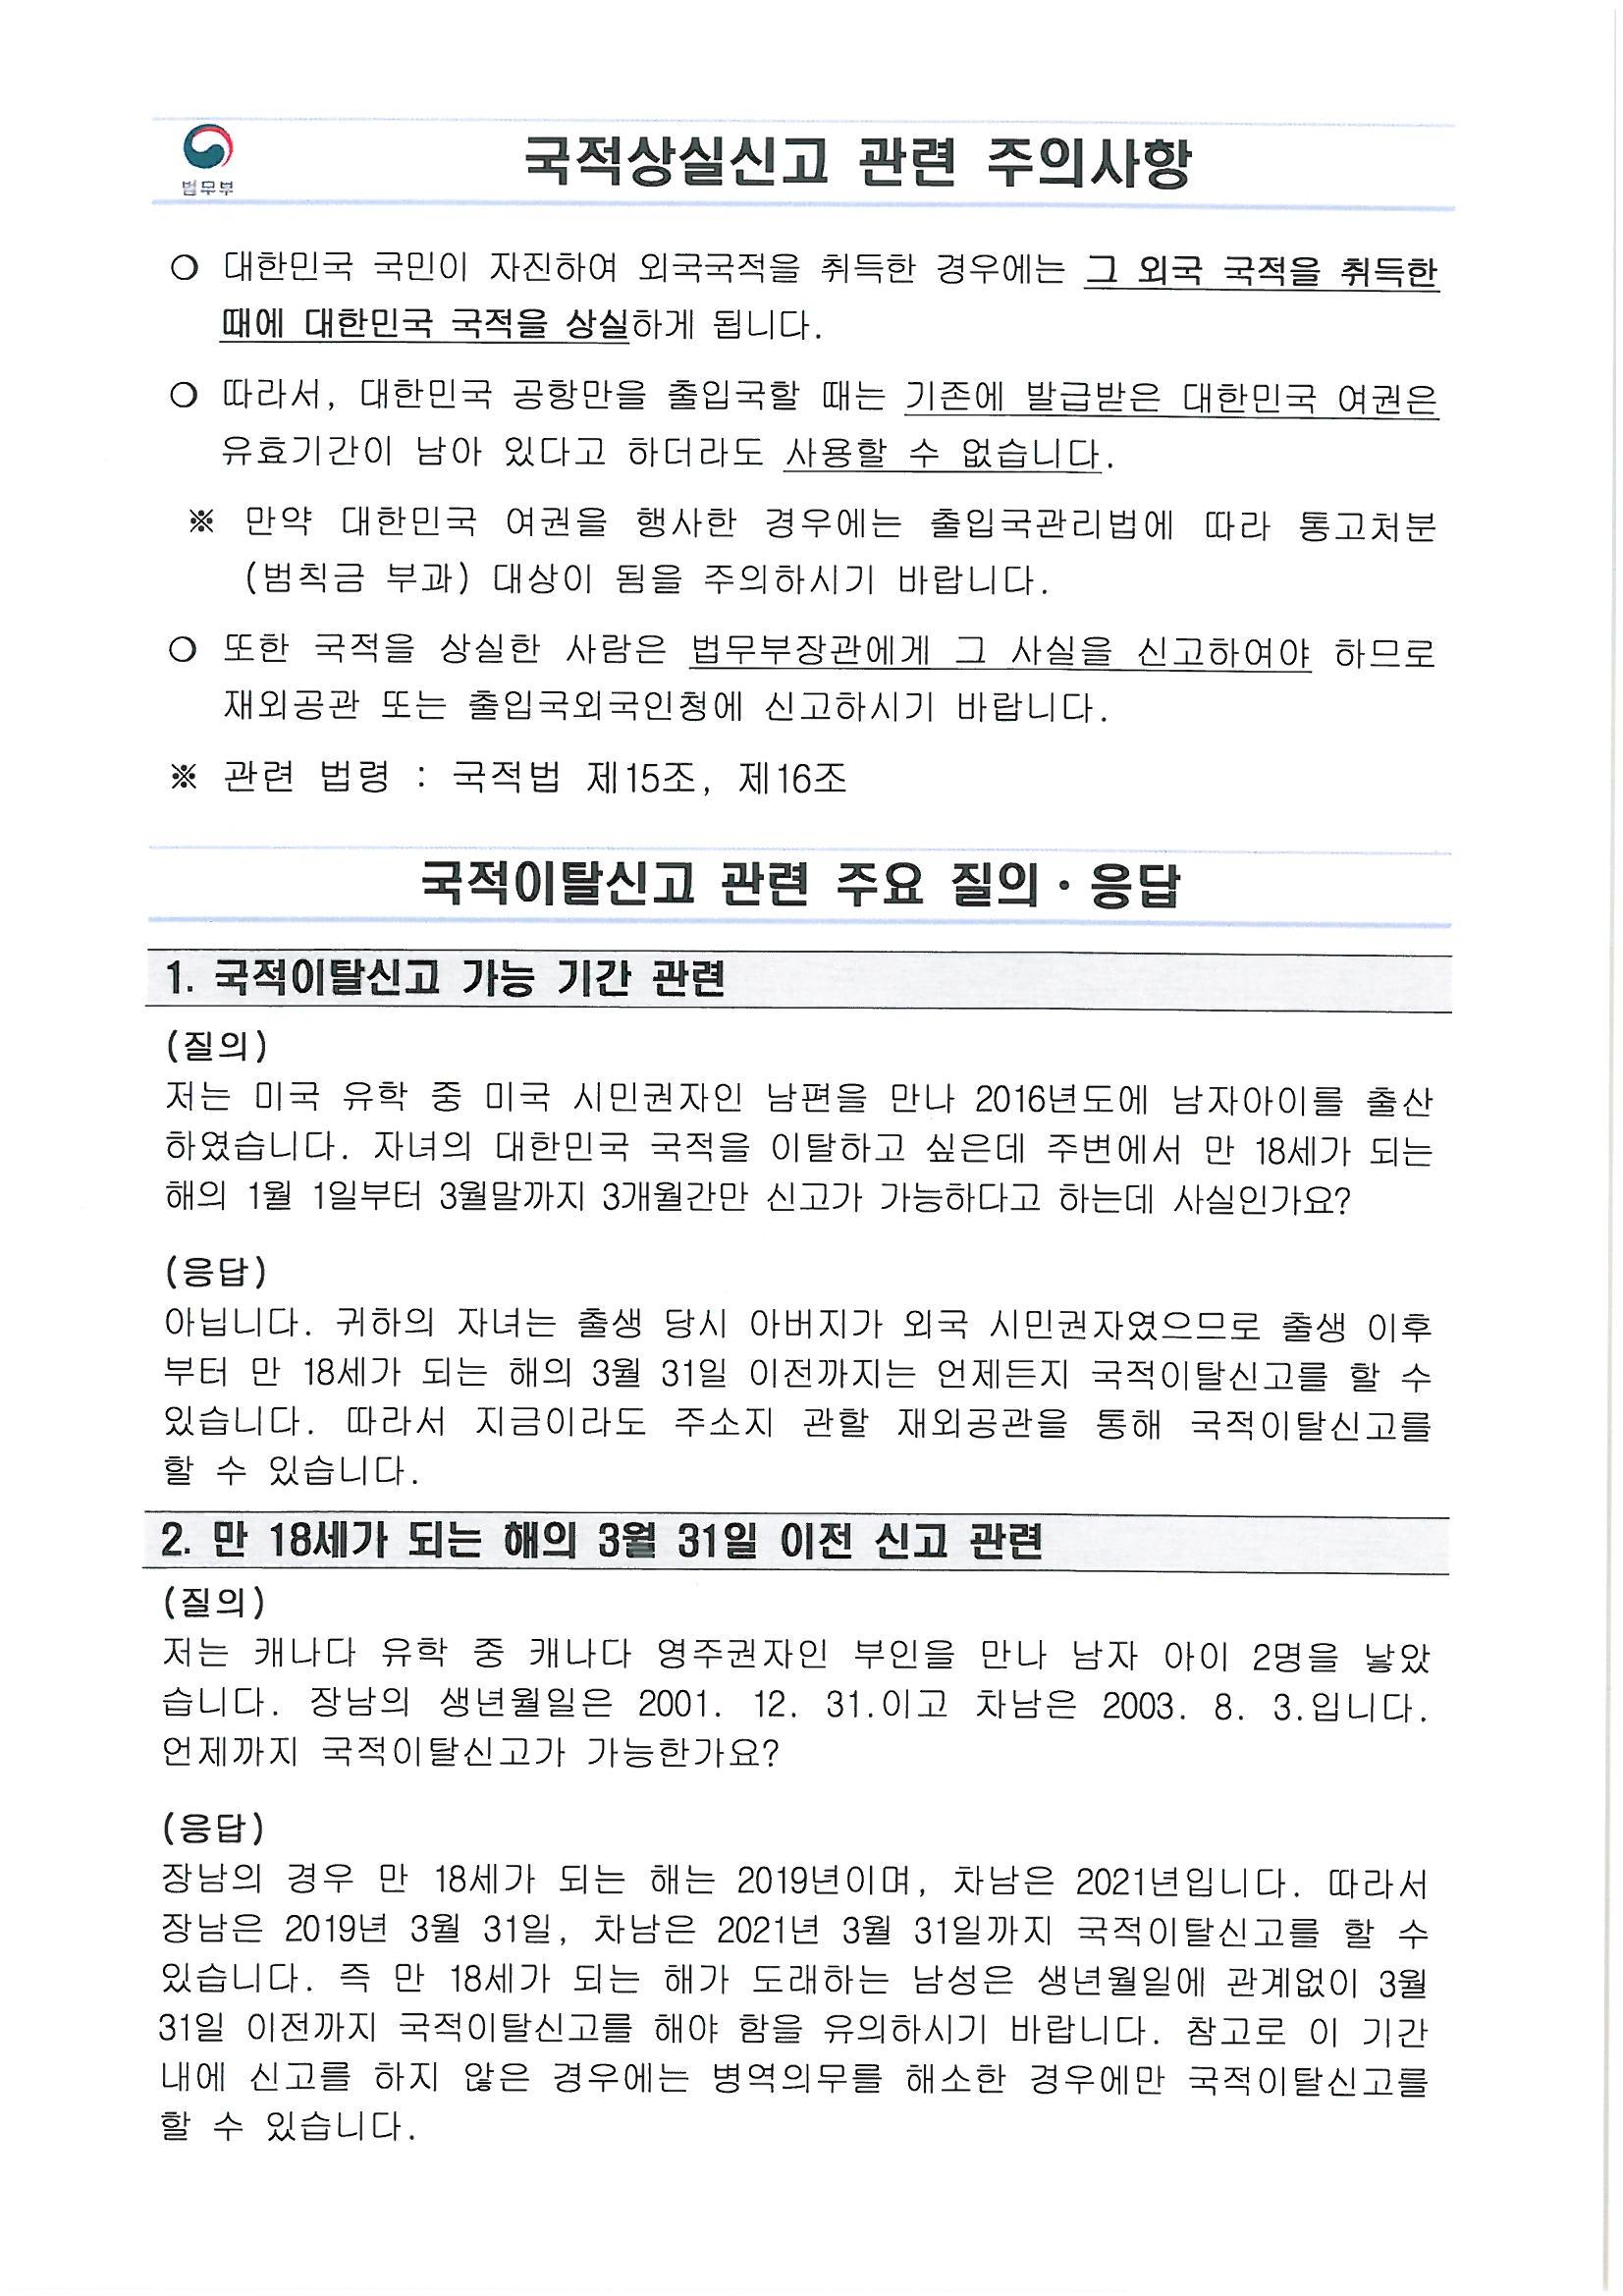 국적선택 홍보 자료(한인회장님)_페이지_05.jpg